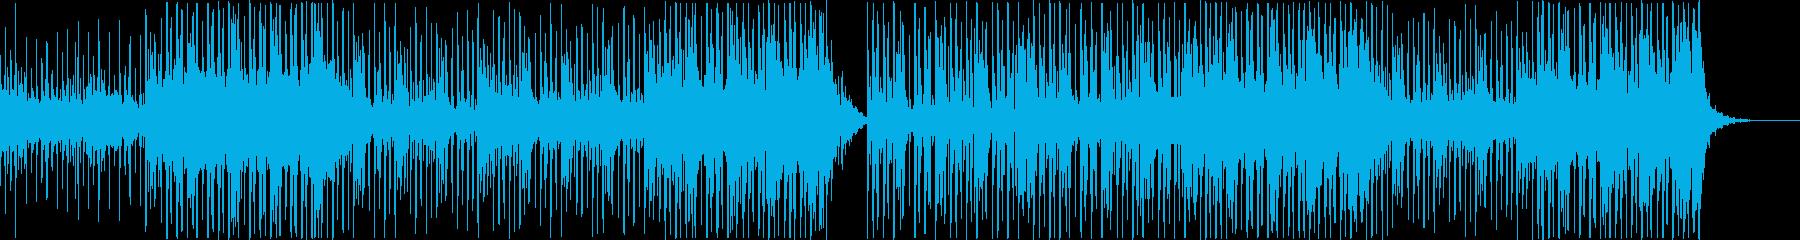 ハープ中心の爽やかで明るいR&B系BGMの再生済みの波形